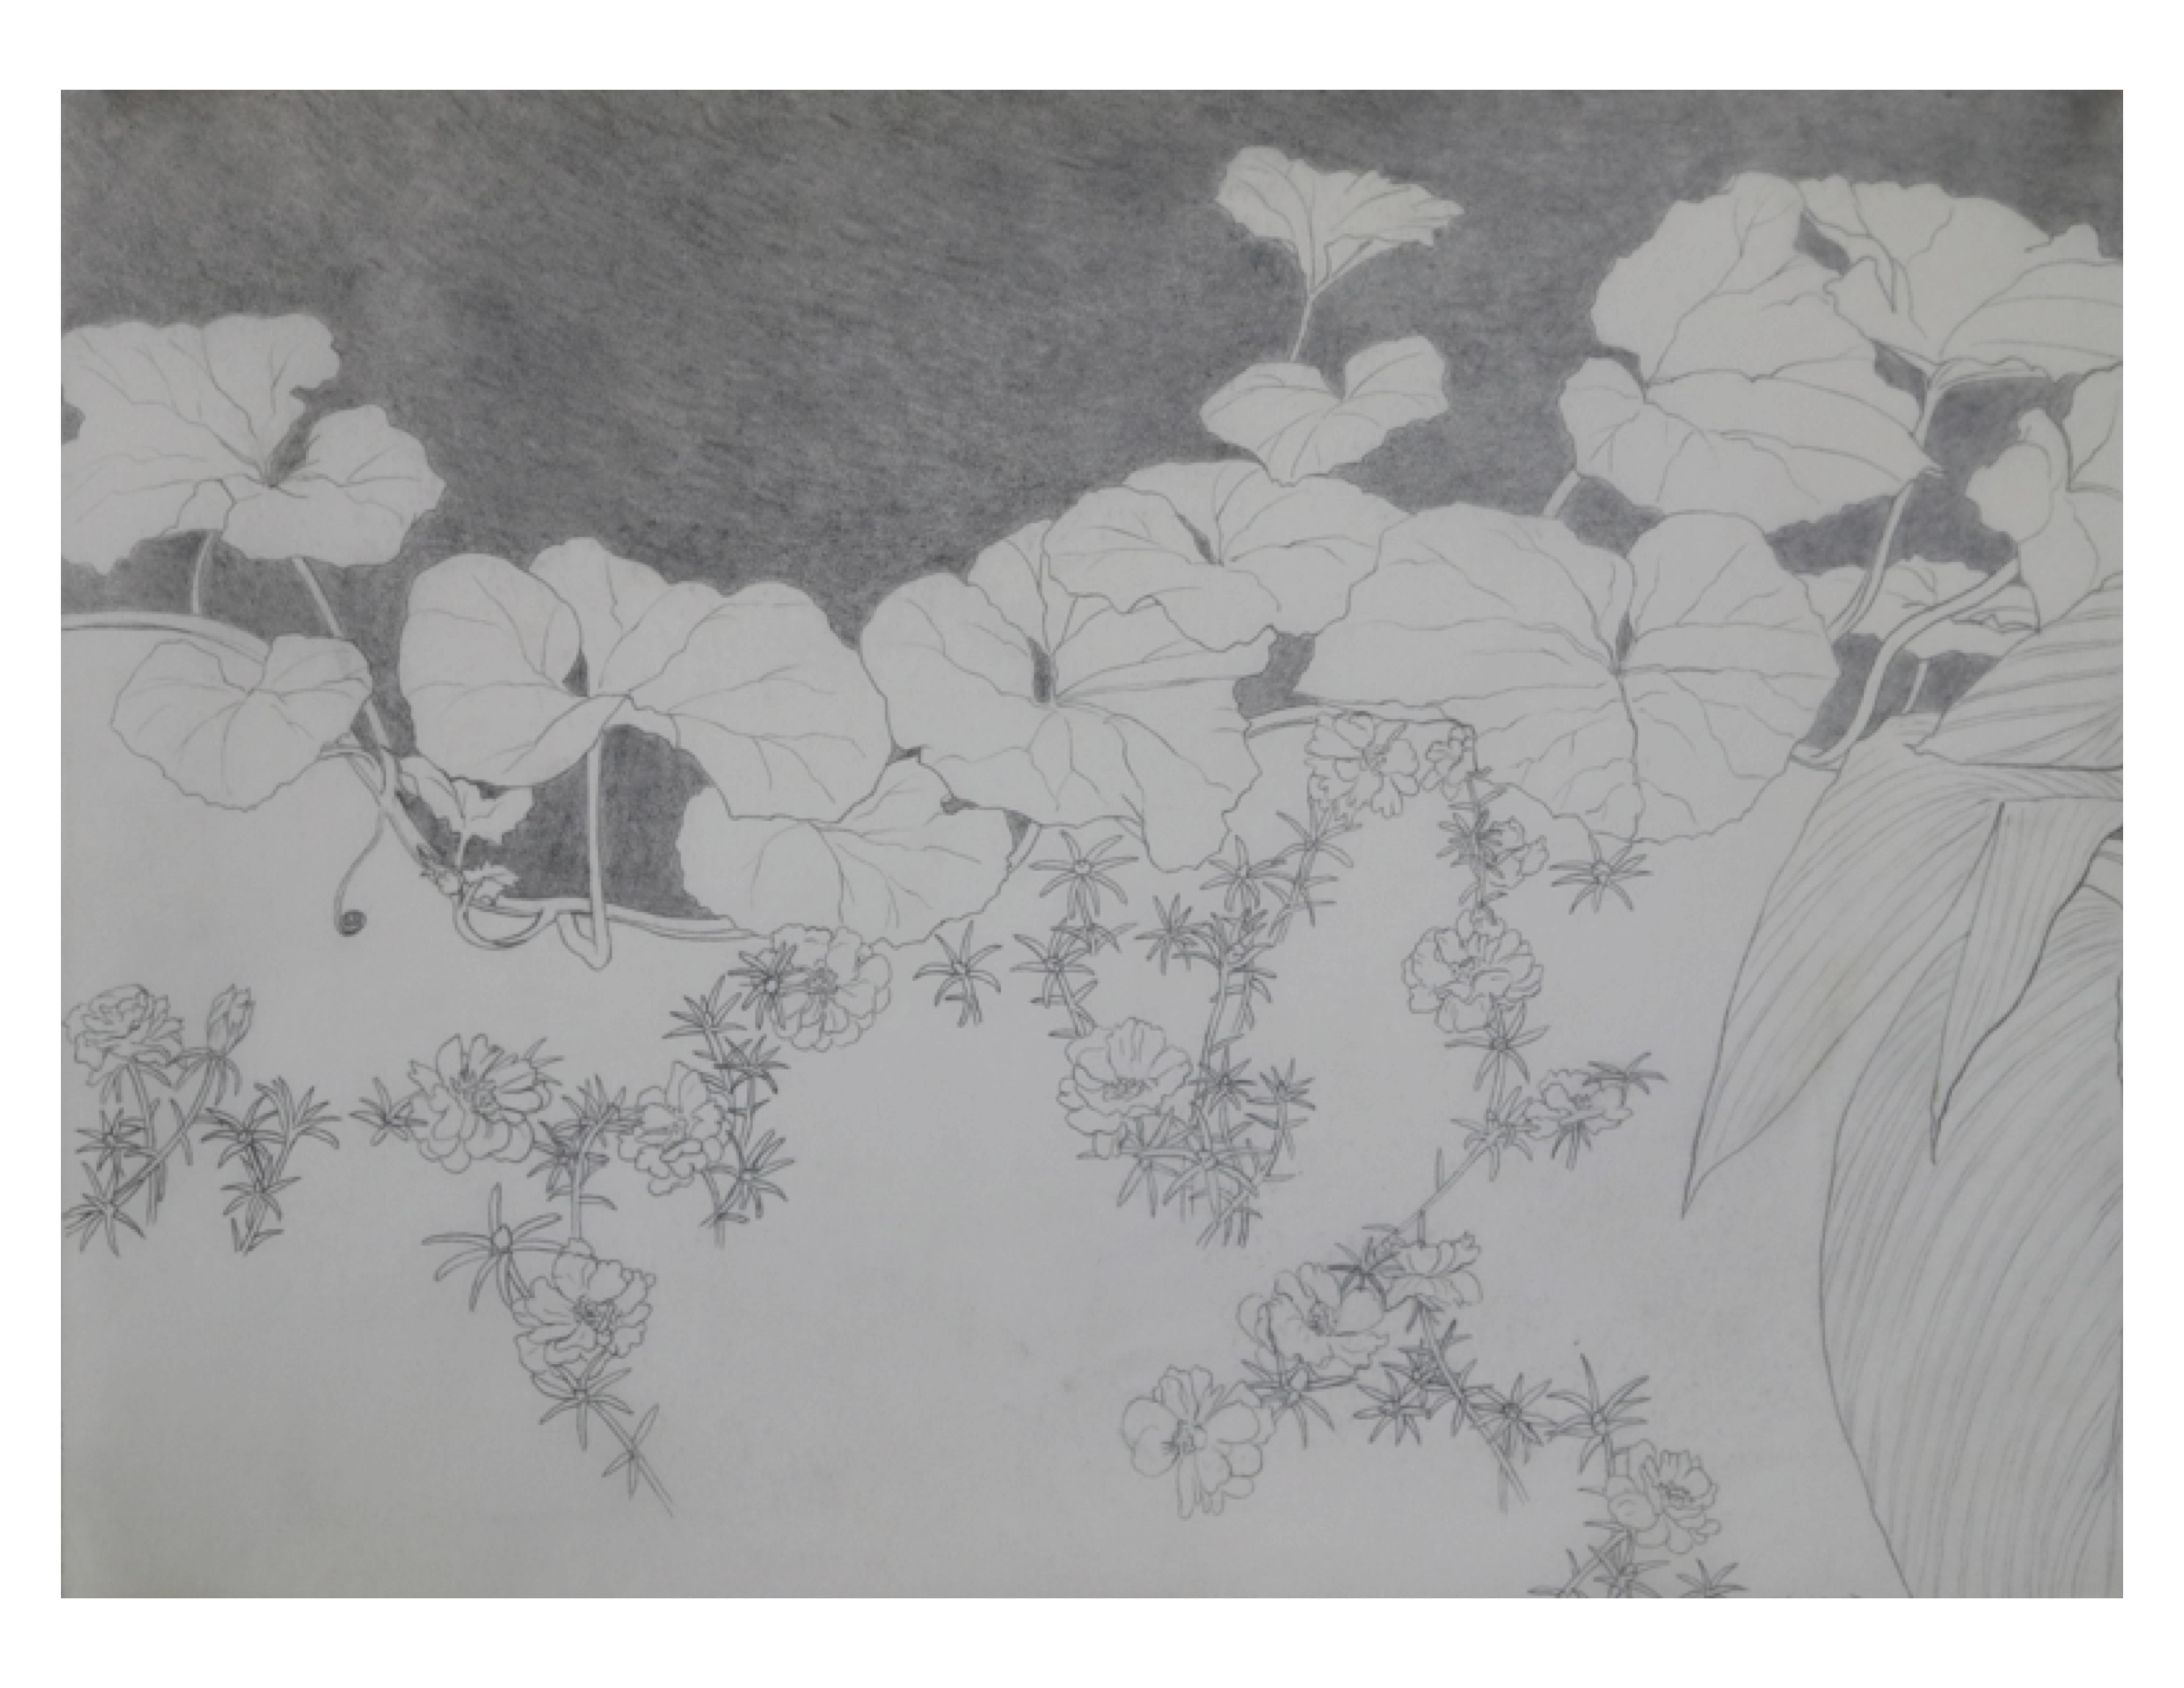 Lahore garden detail, July 12, 1987, pencil on paper, 35.5 cm x 28 cm